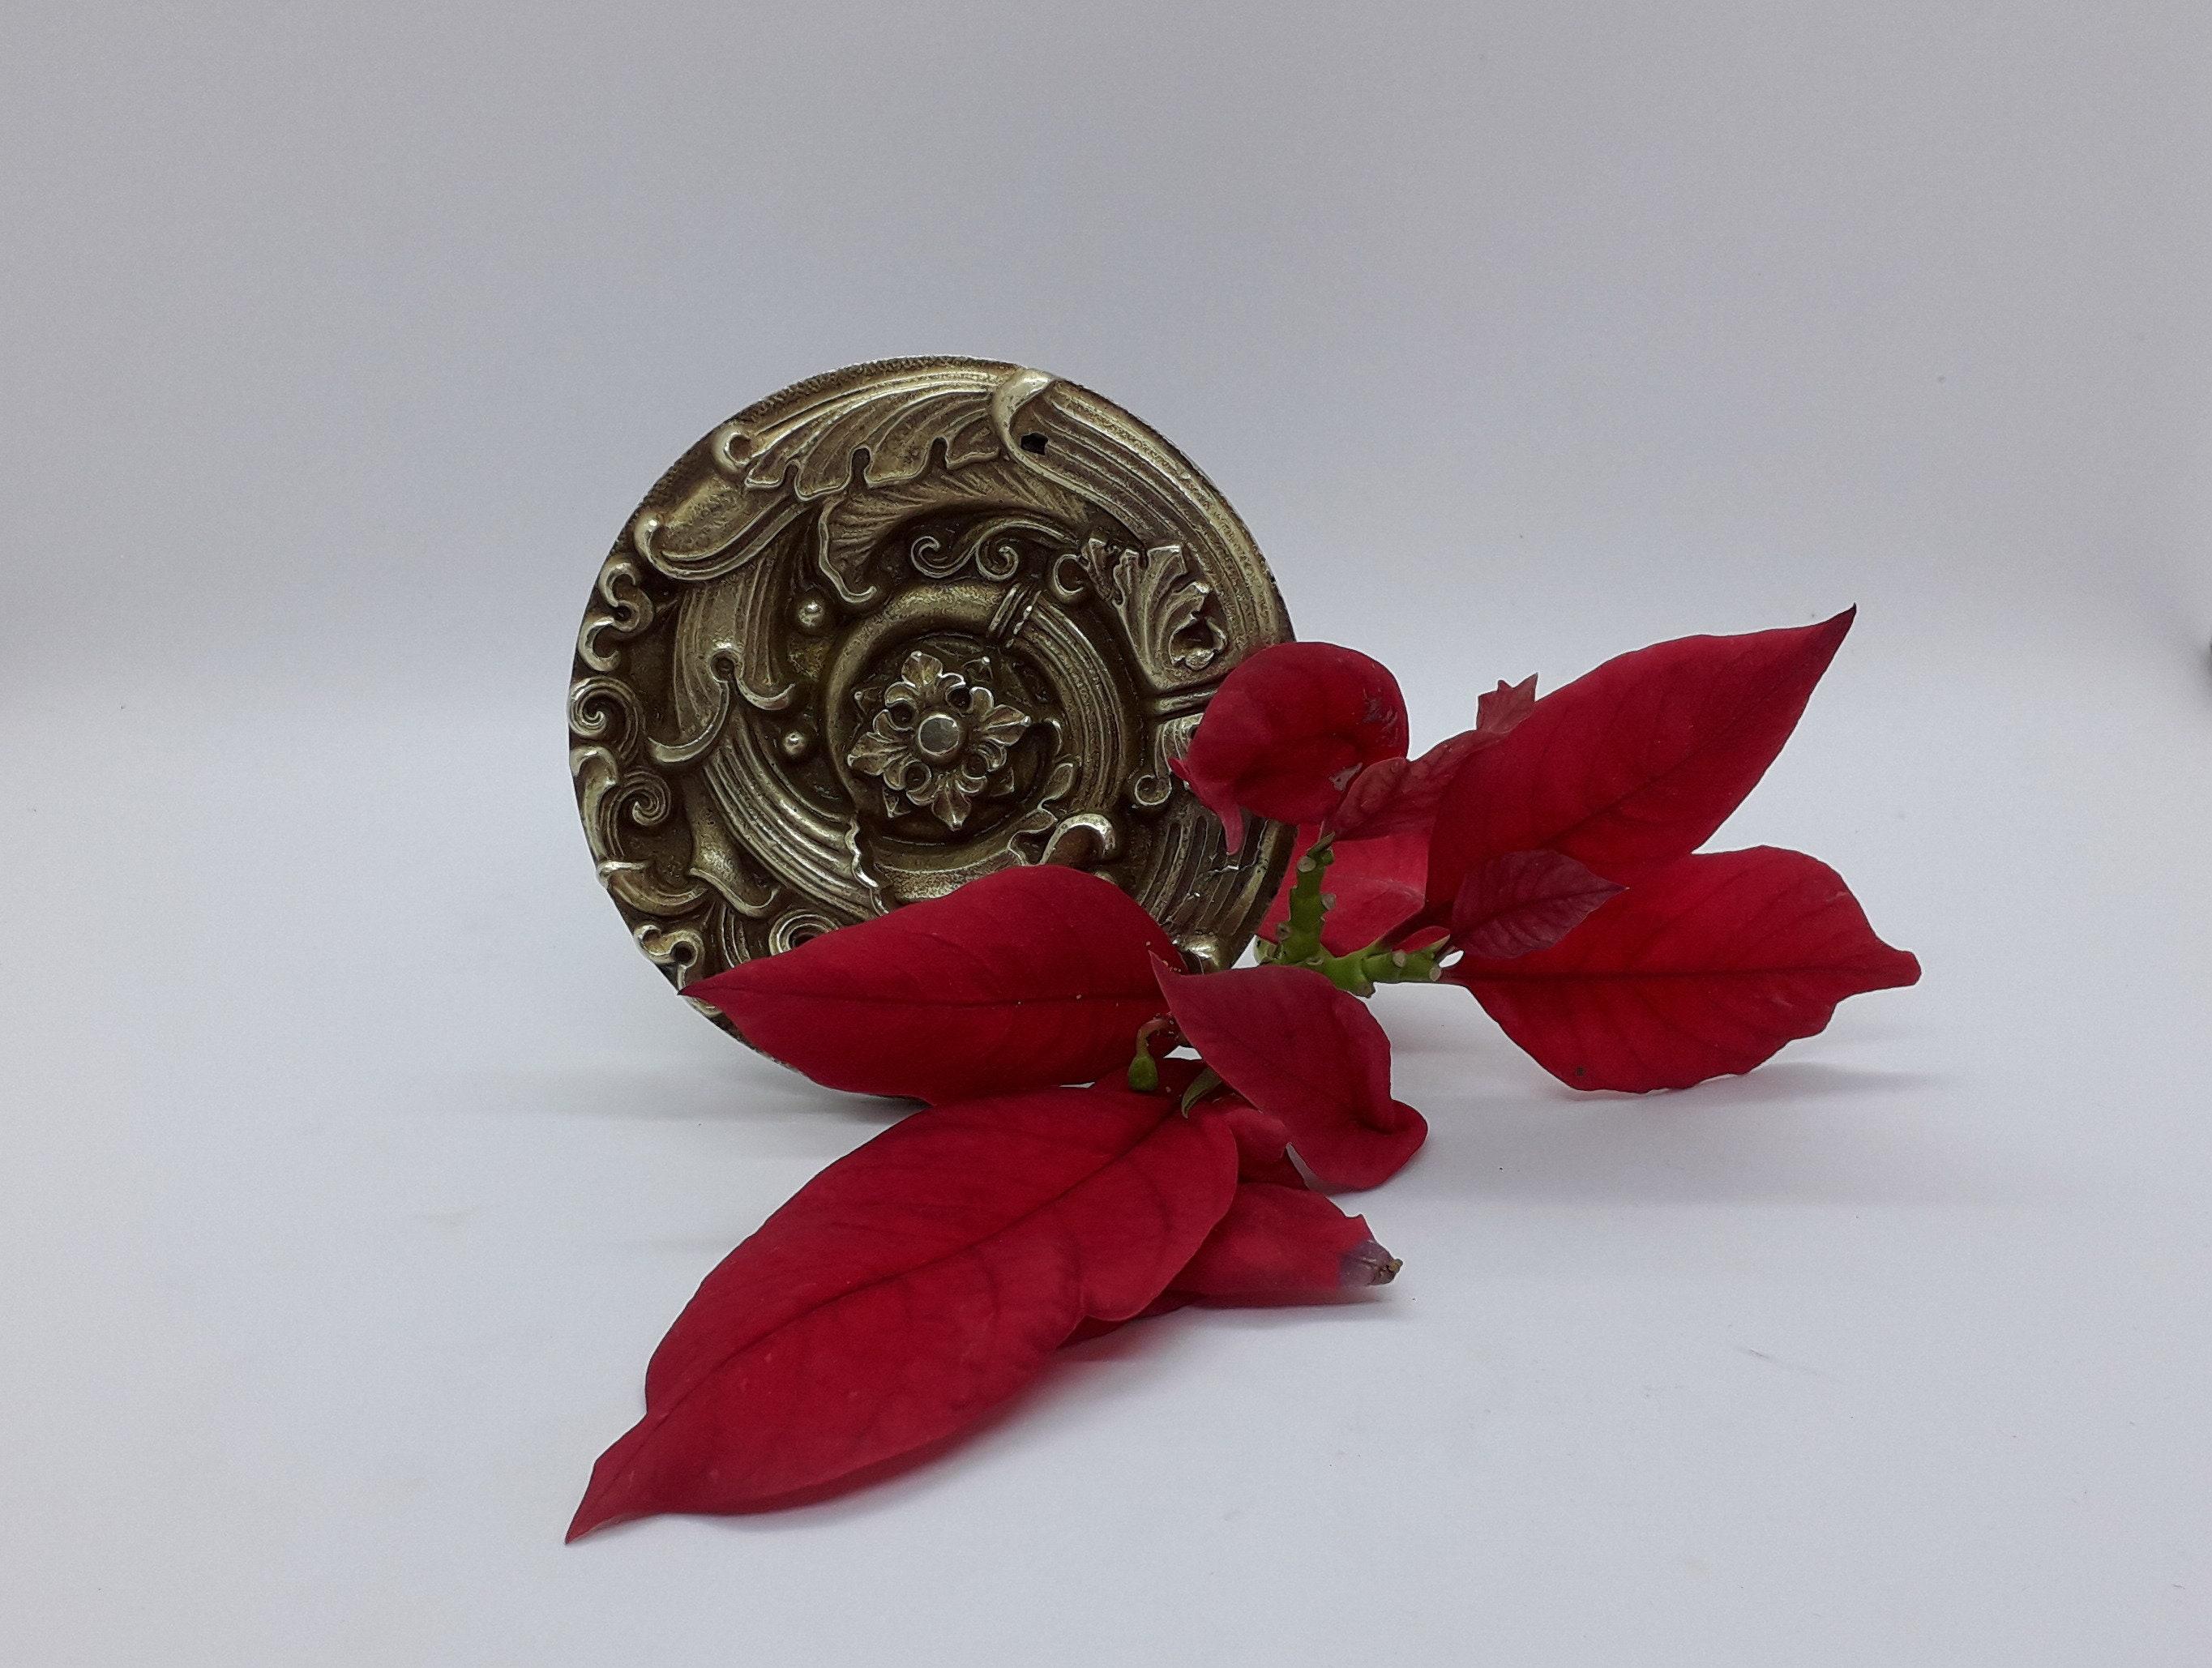 Meuble Pour Loisirs Créatifs Élément de décoration, forme bouclier, bronze doré, pour meuble ou autre,  style directoire empire, époque napoléon iii, antiquité française